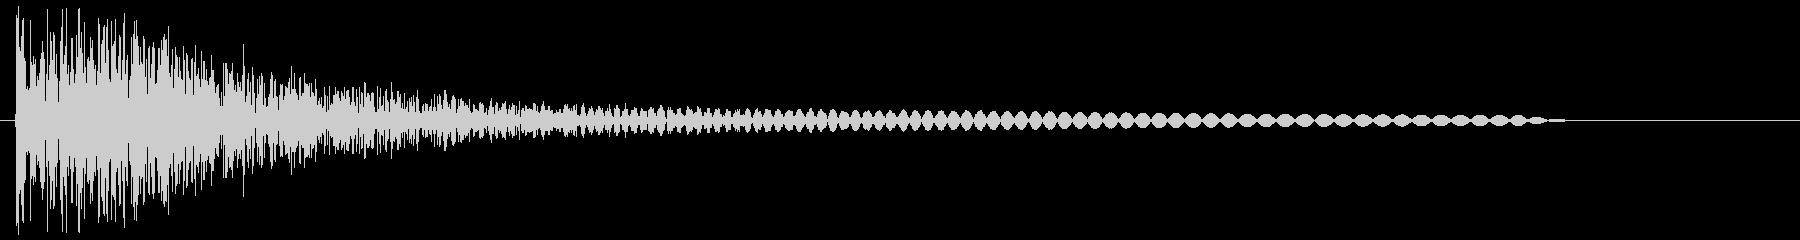 ボーーン(爆発音や炎を吐く音)の未再生の波形